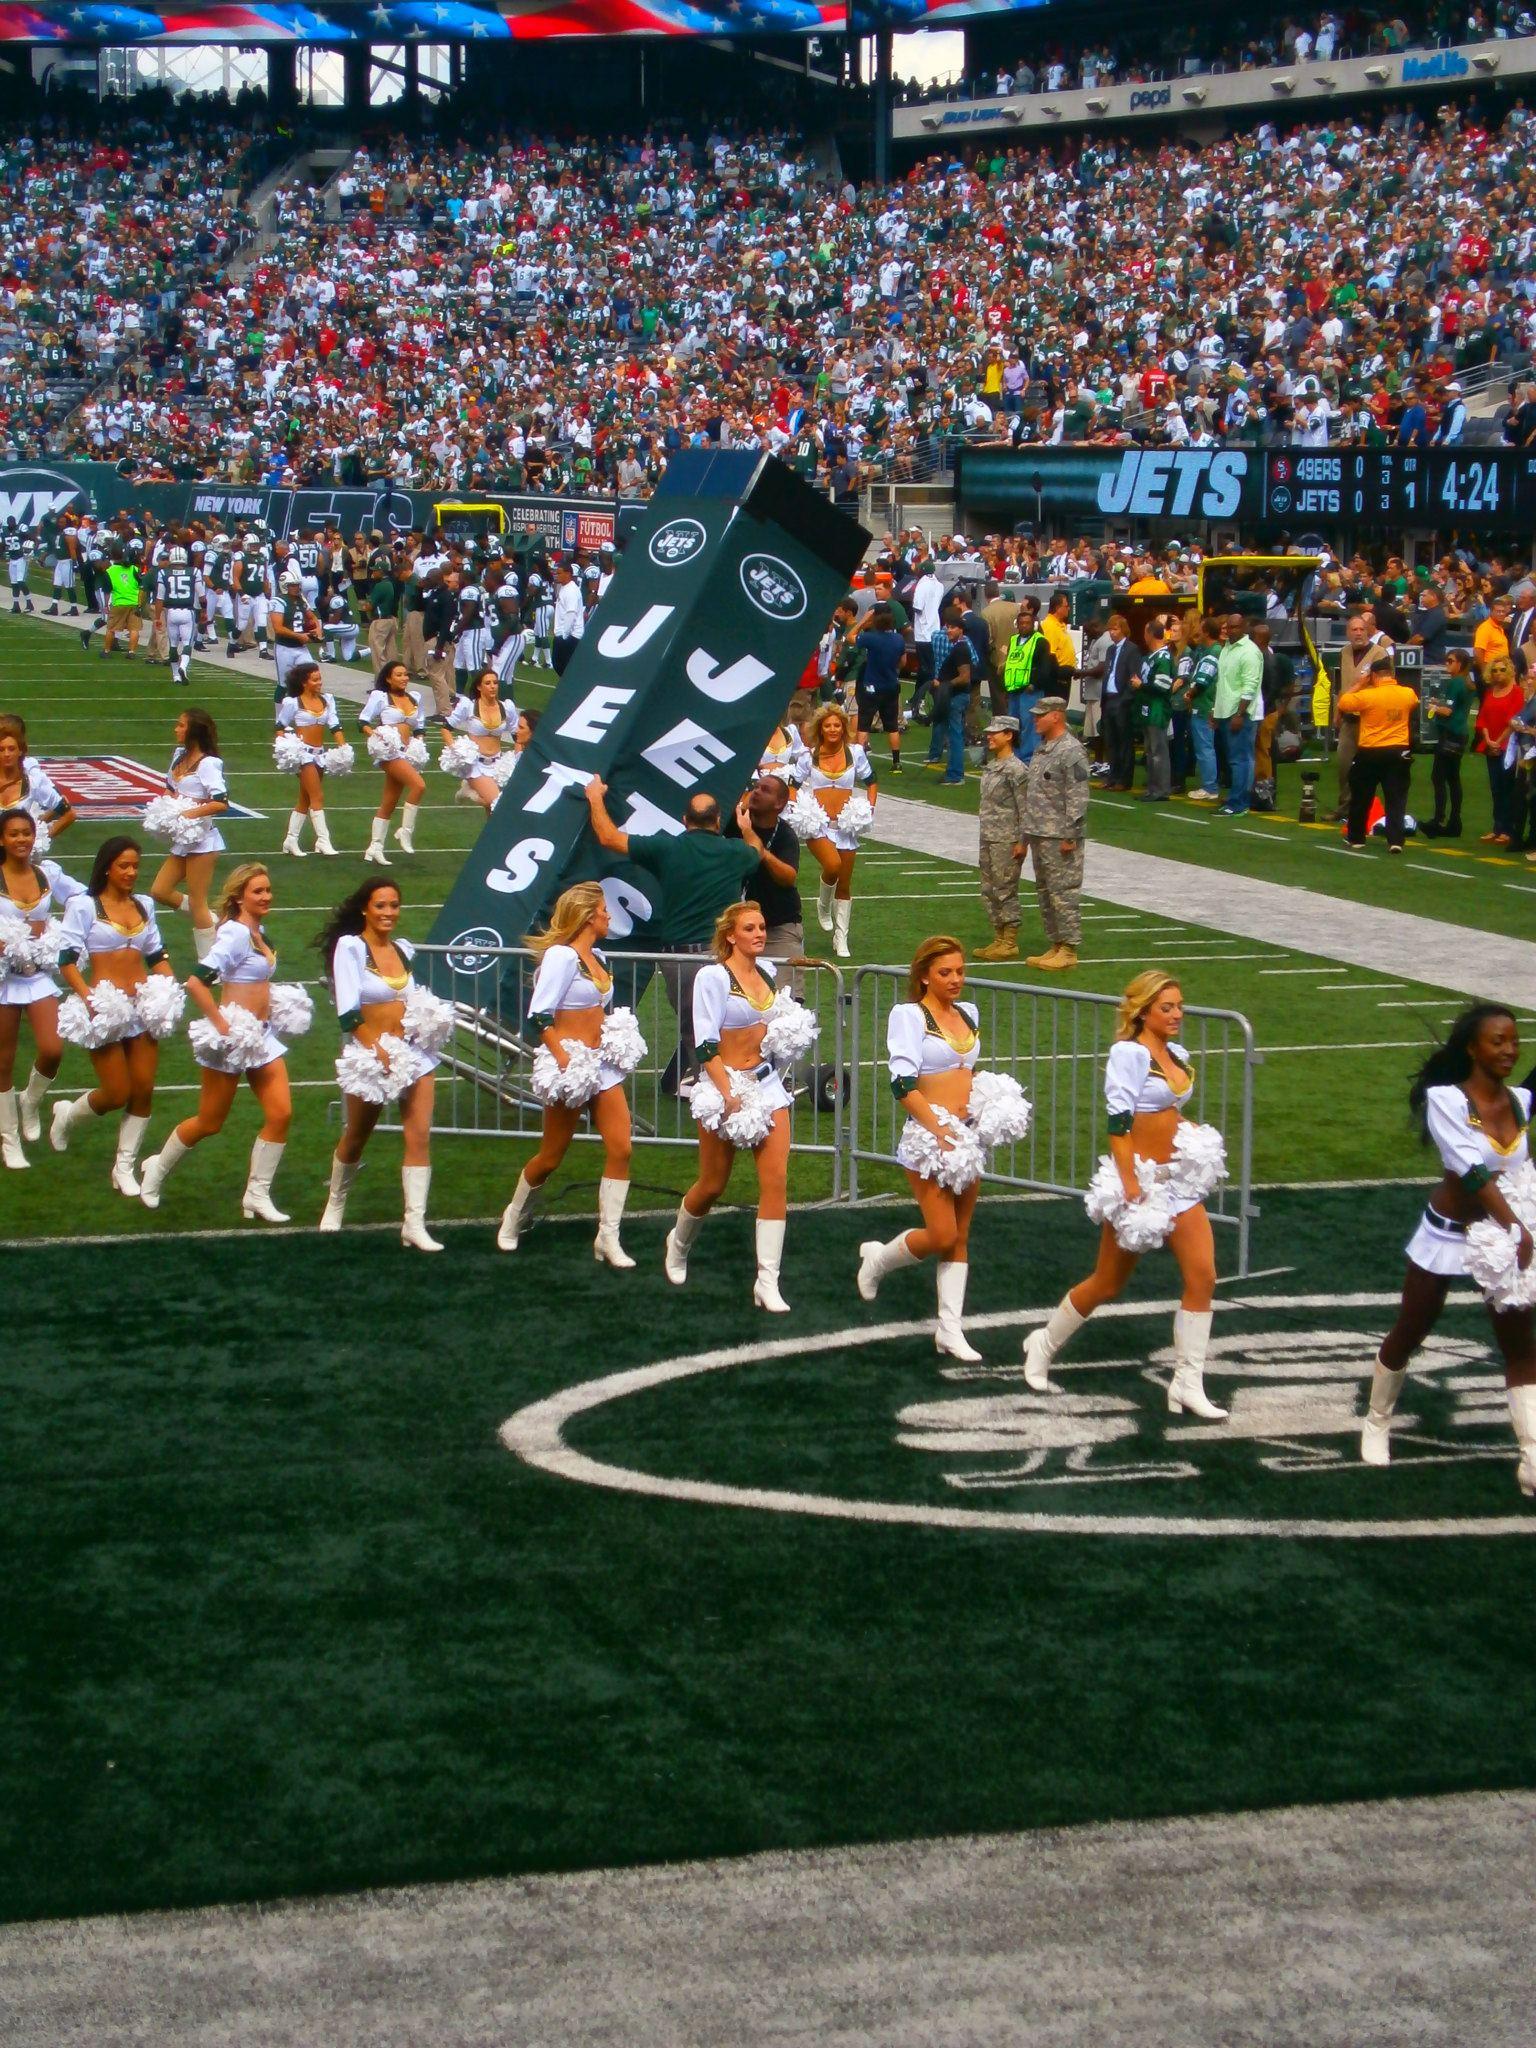 New-York-Jets-Cheerleaders-MetLife